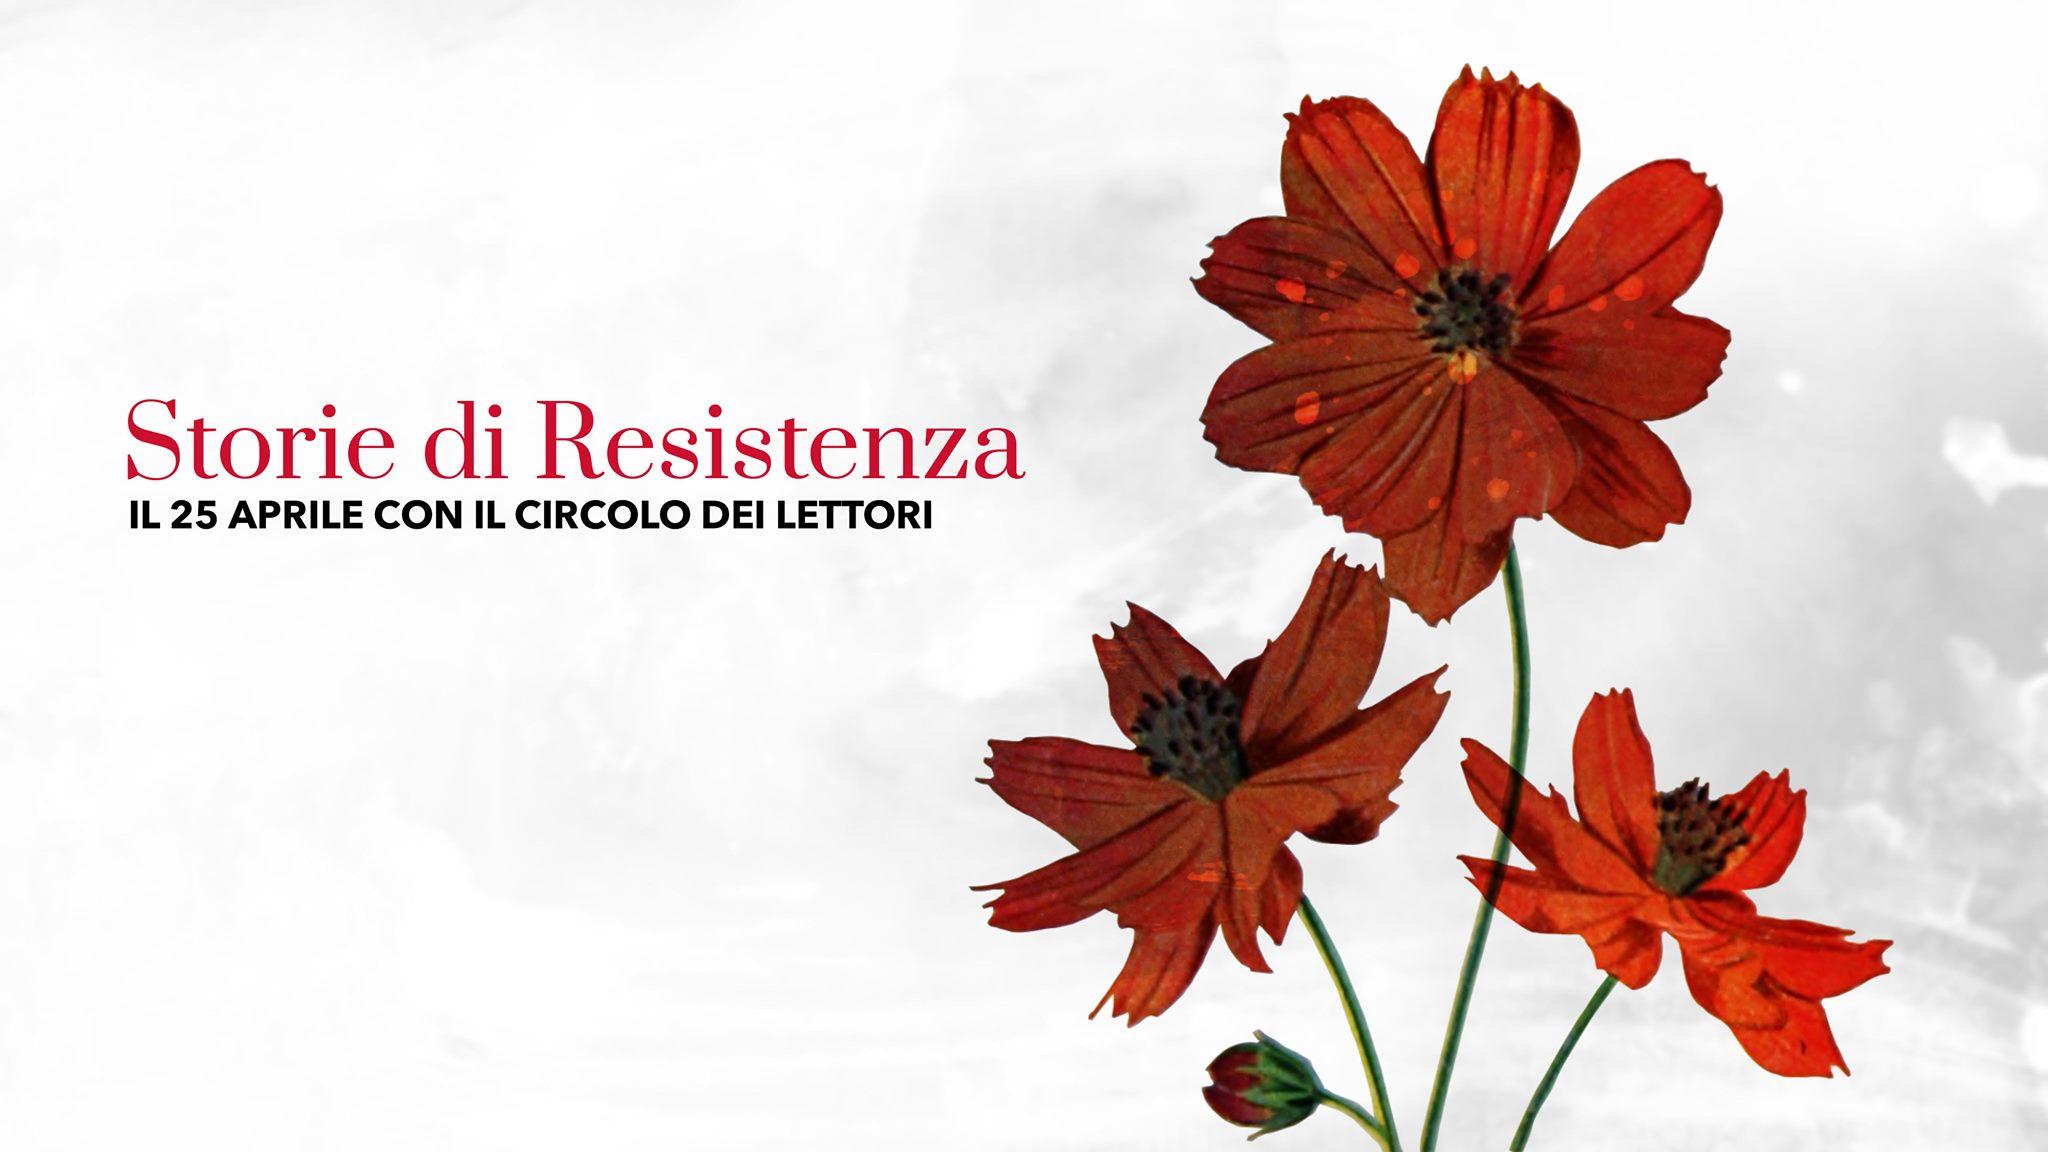 Storie di Resistenza @ Facebook del Circolo dei lettori e circololettori.it